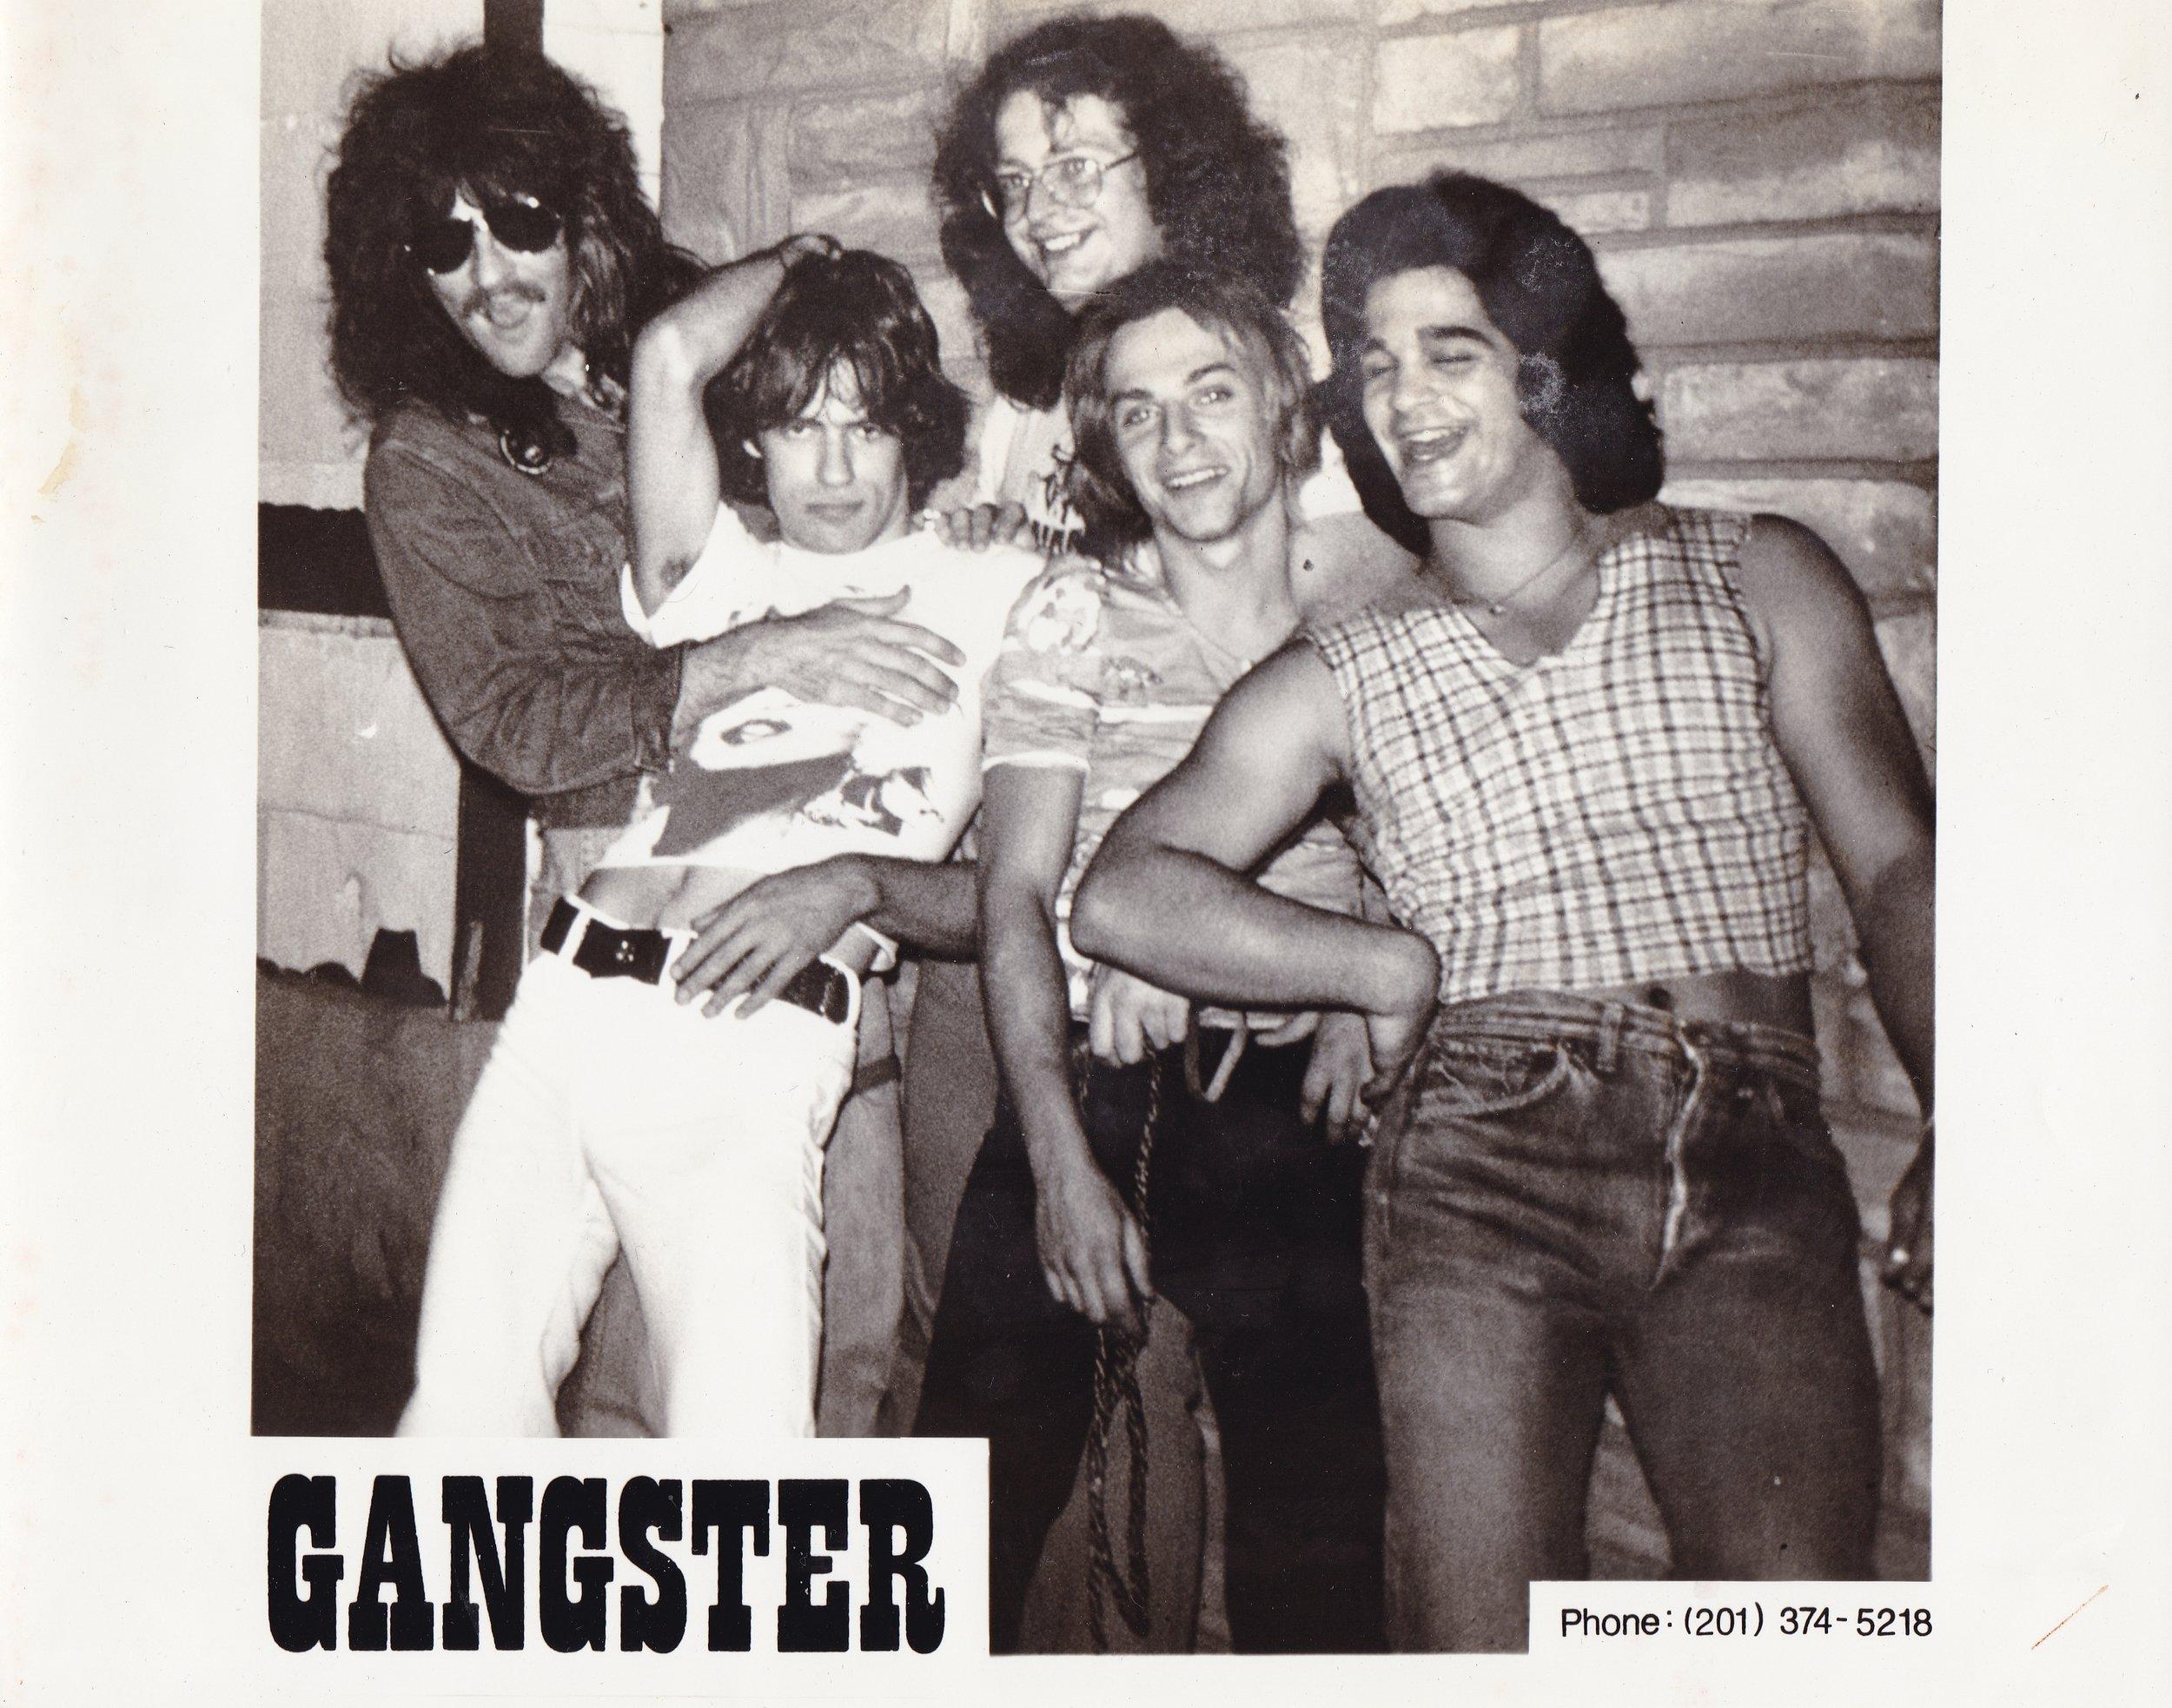 Gangster promo pic.jpg